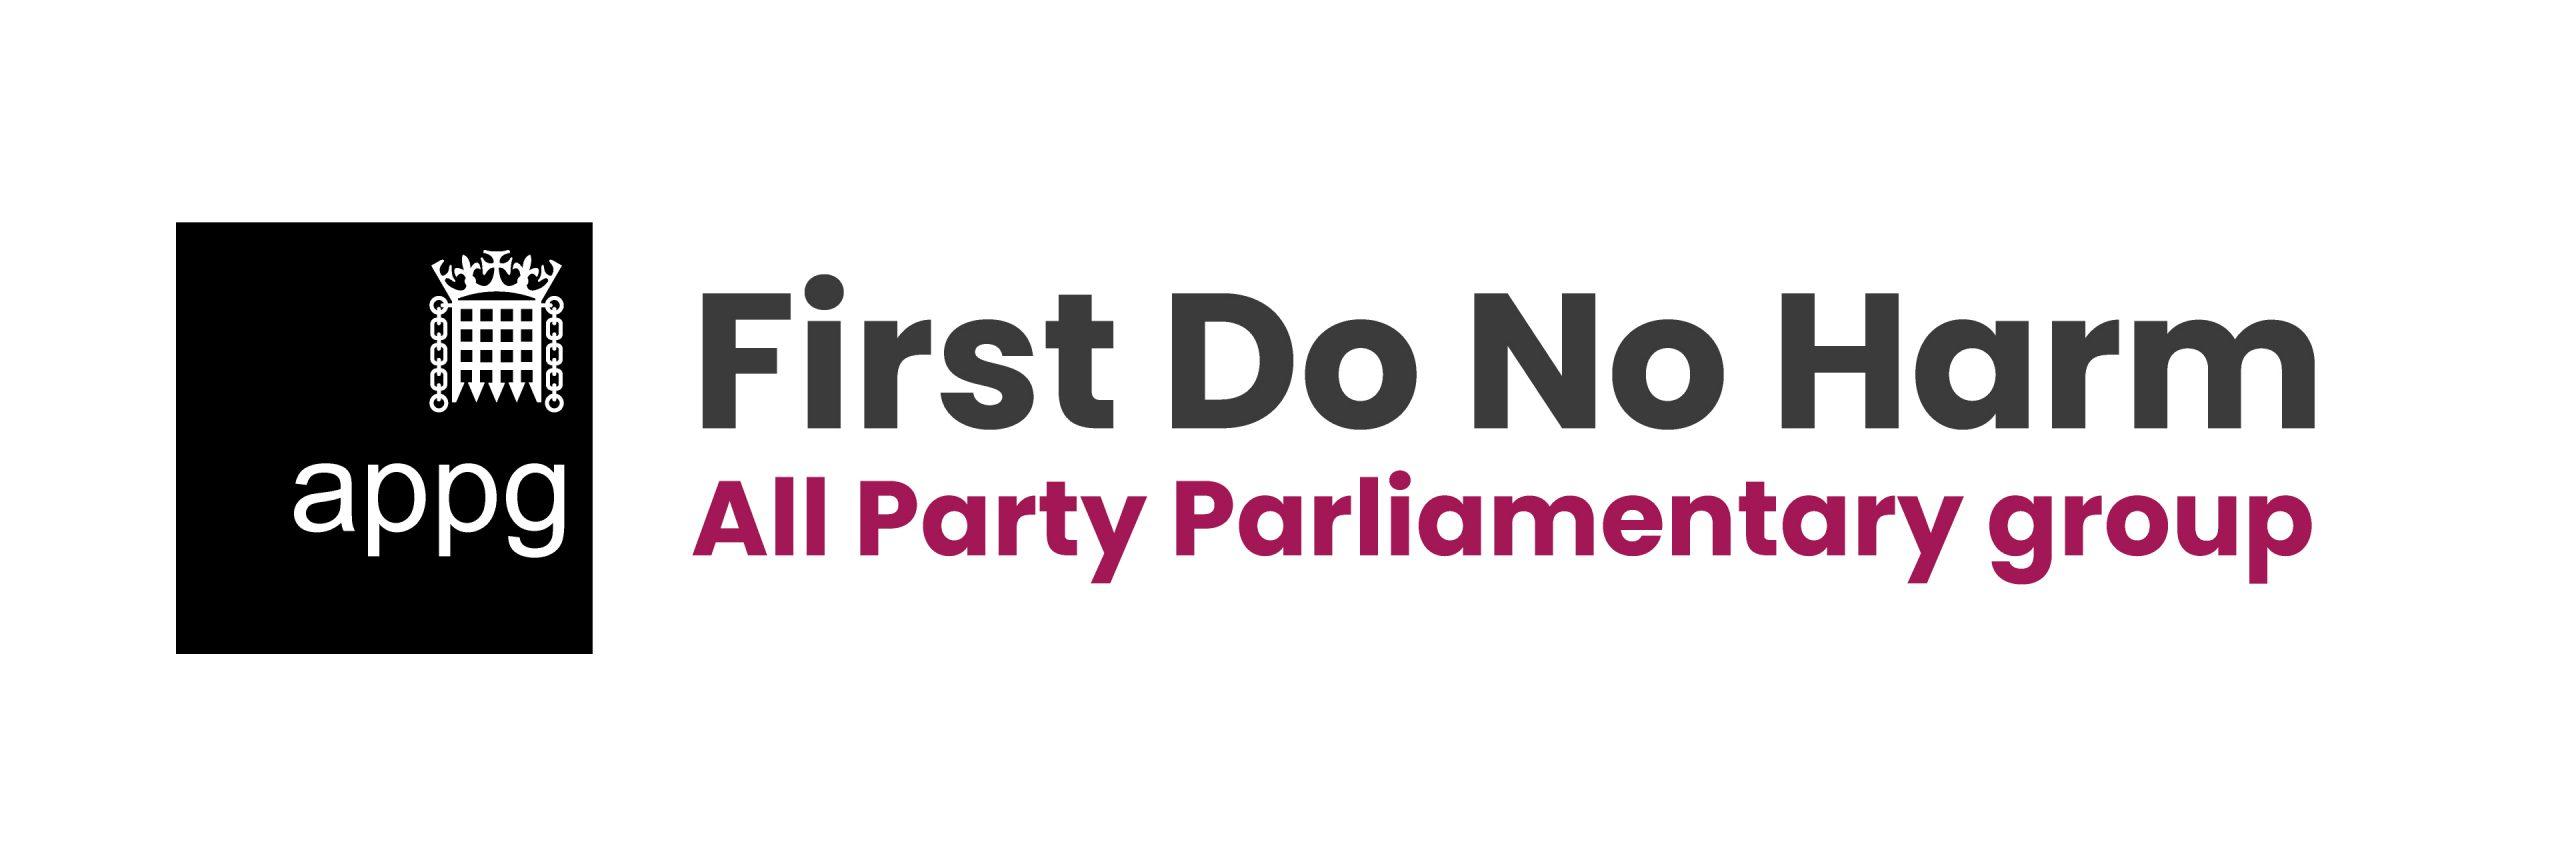 APPG- First Do No Harm